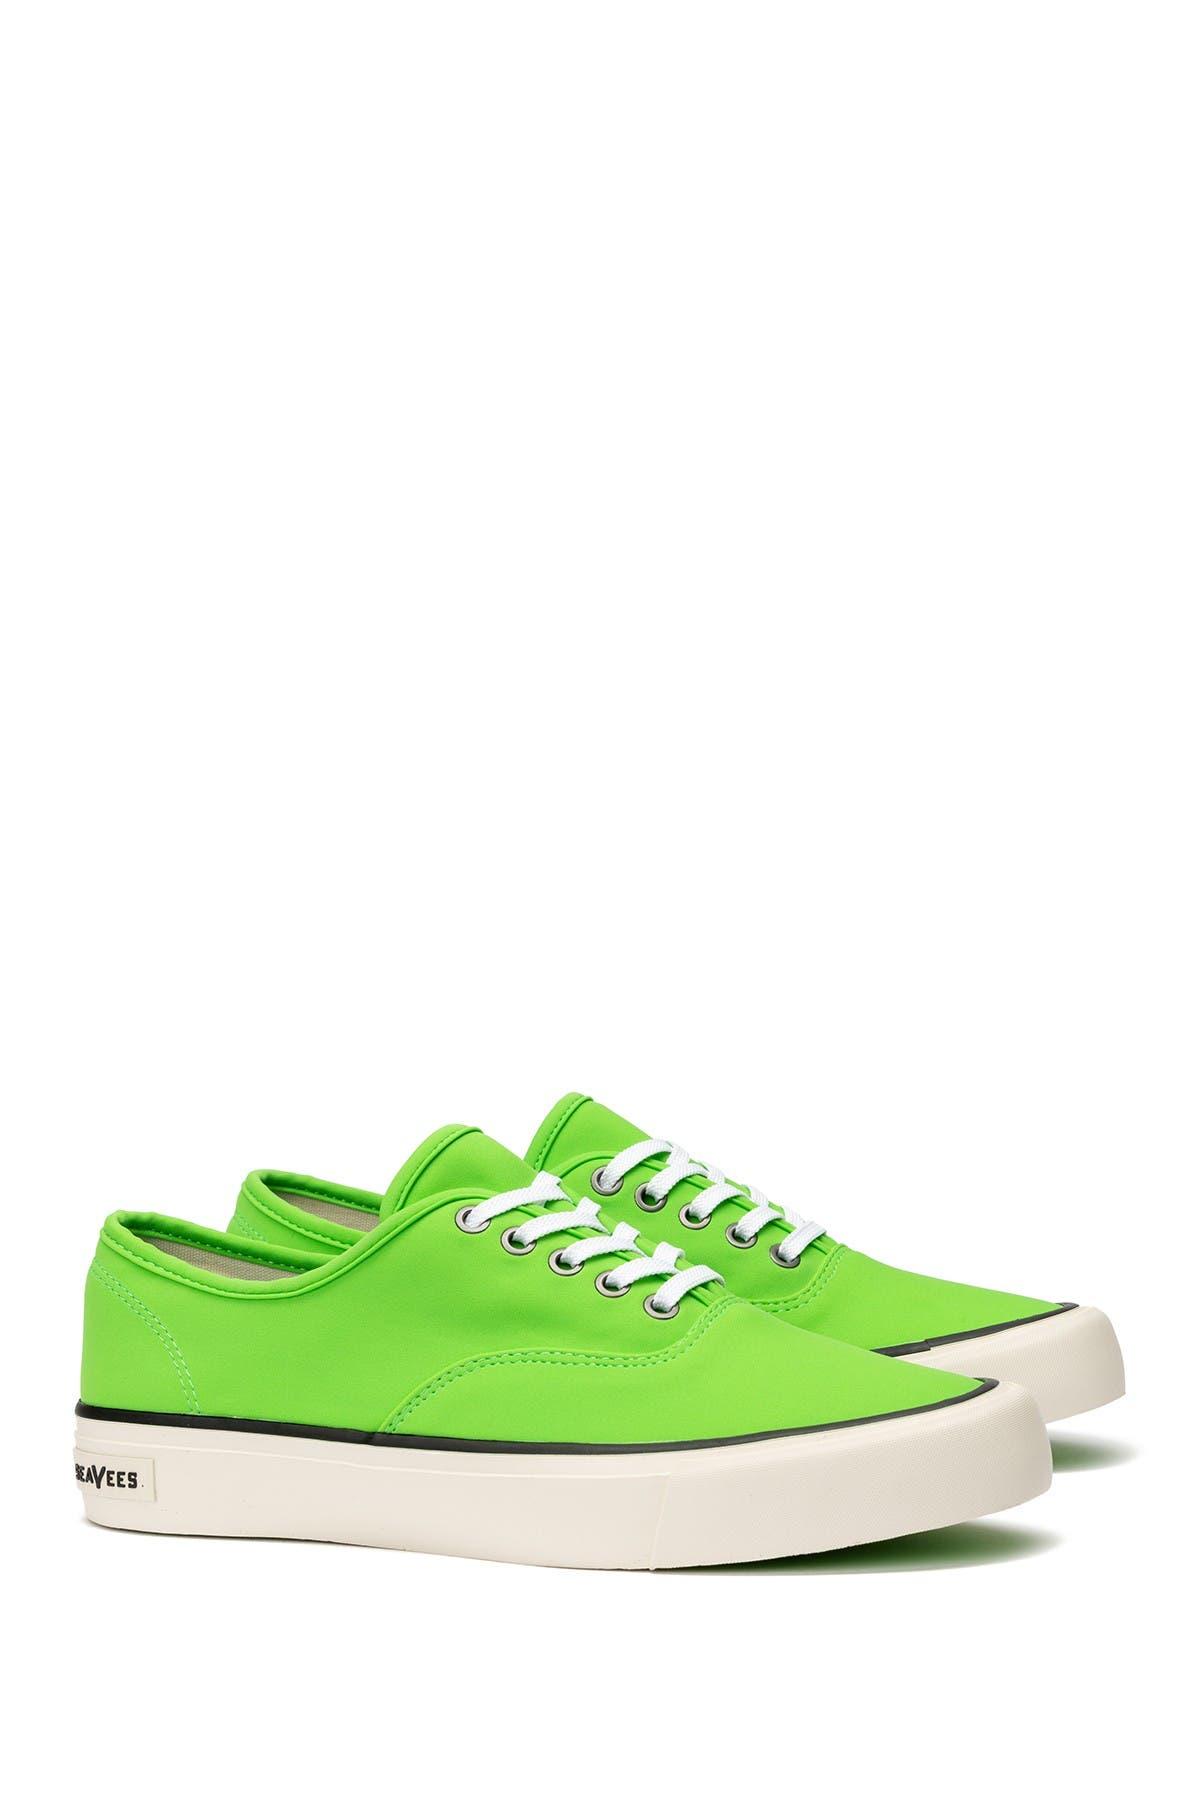 Image of SeaVees Legend Neon Sneaker